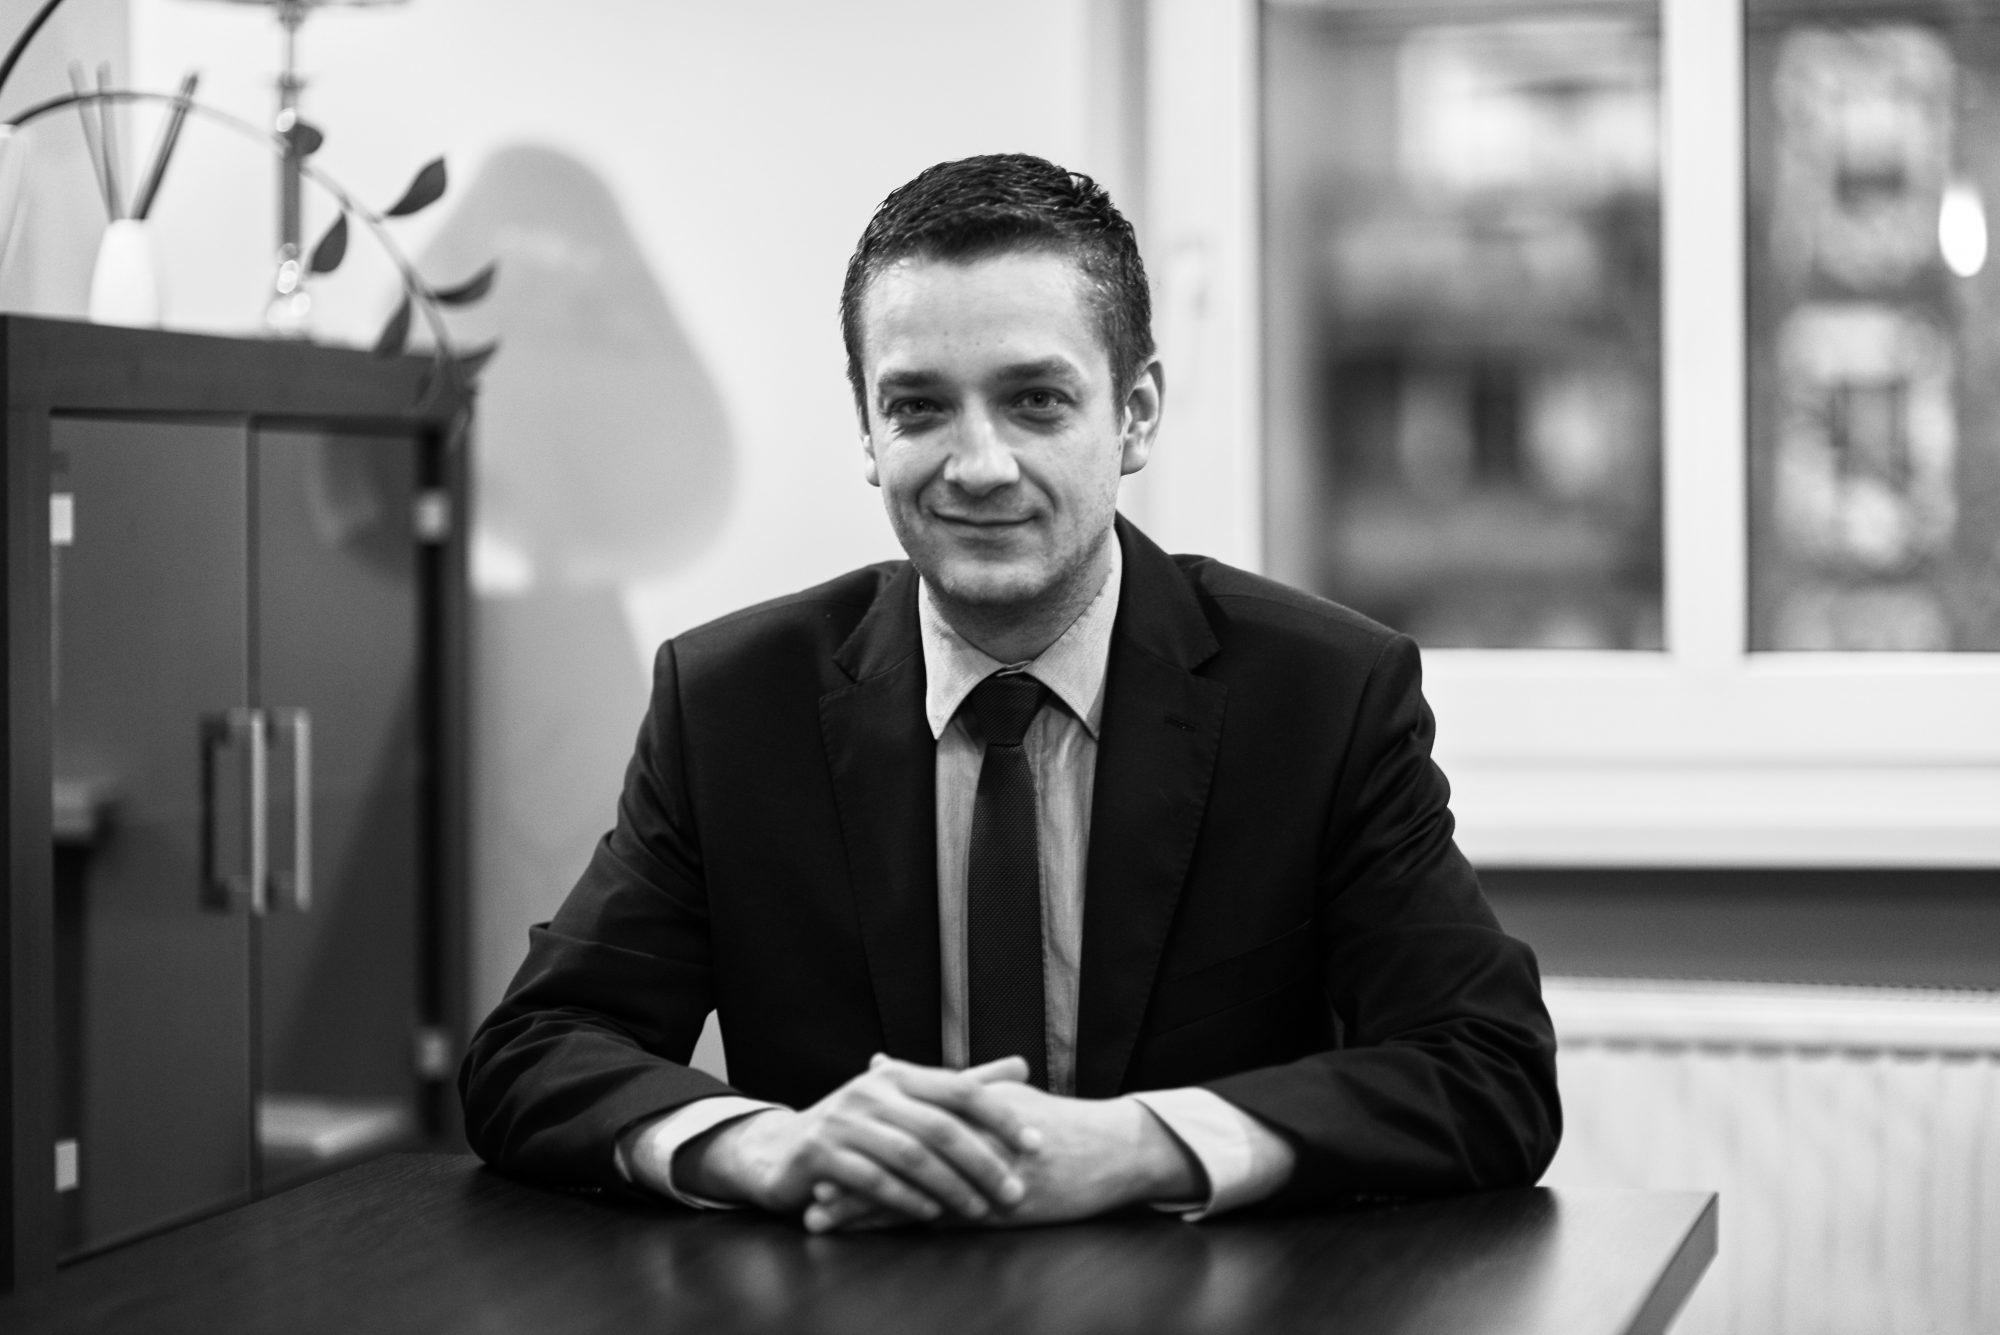 Przemysław Przytuła - Rechtsanwalt, Spezialist für Verträge zwischen Unternehmen, Aufbau von Konsortien und Registrierungsgruppen.